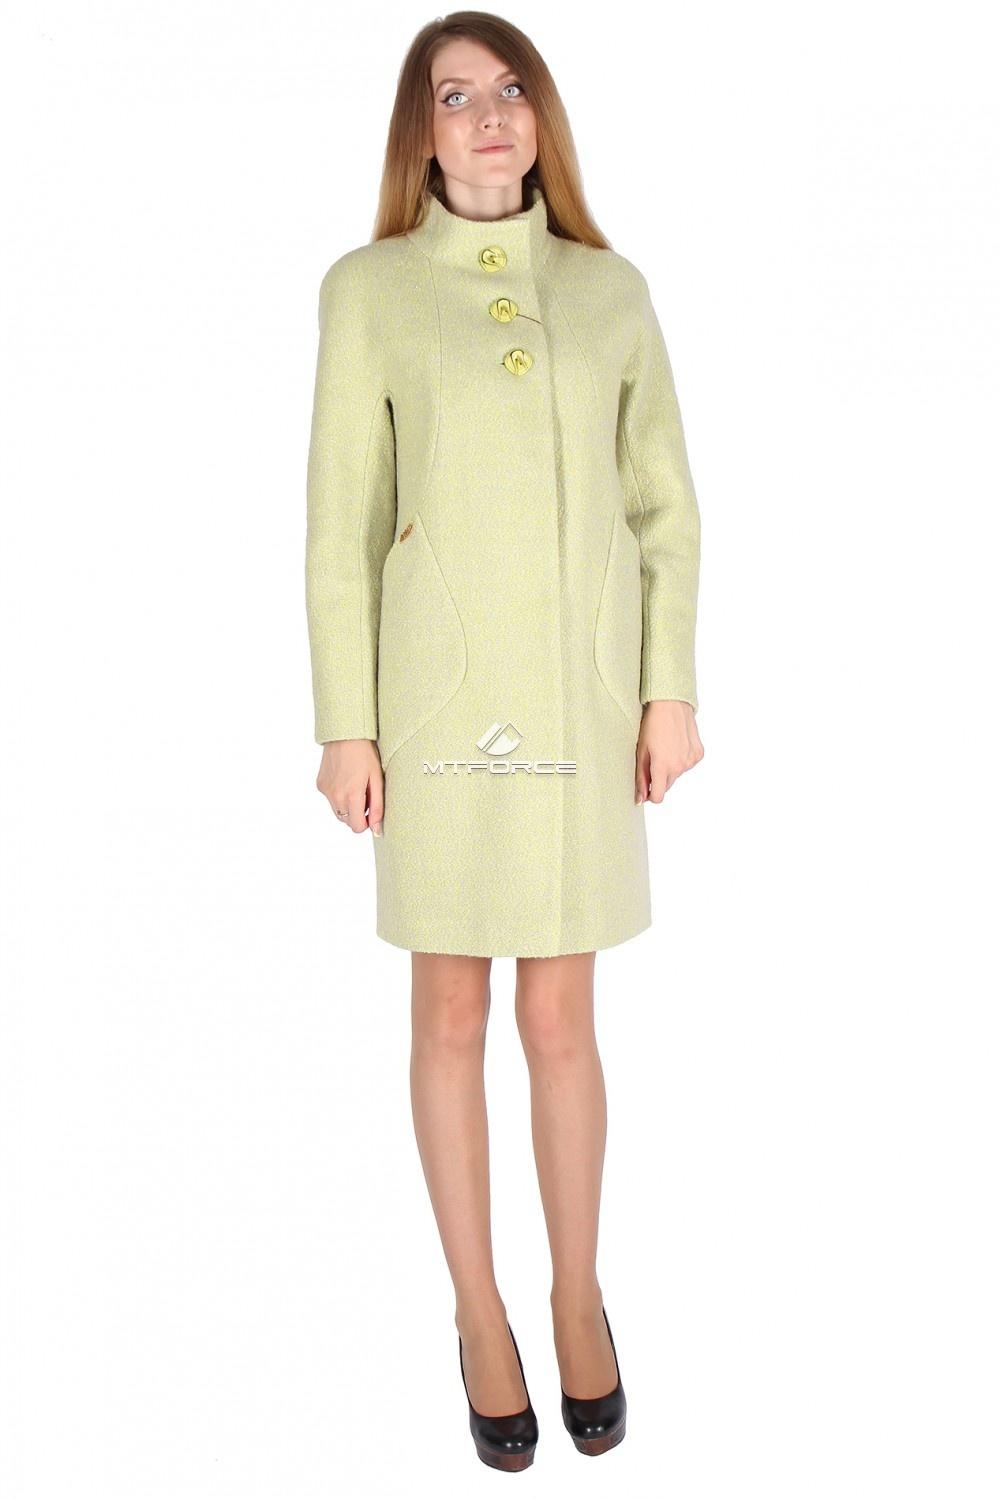 Купить  оптом Пальто женское салатового цвета 16291Sl в Новосибирске